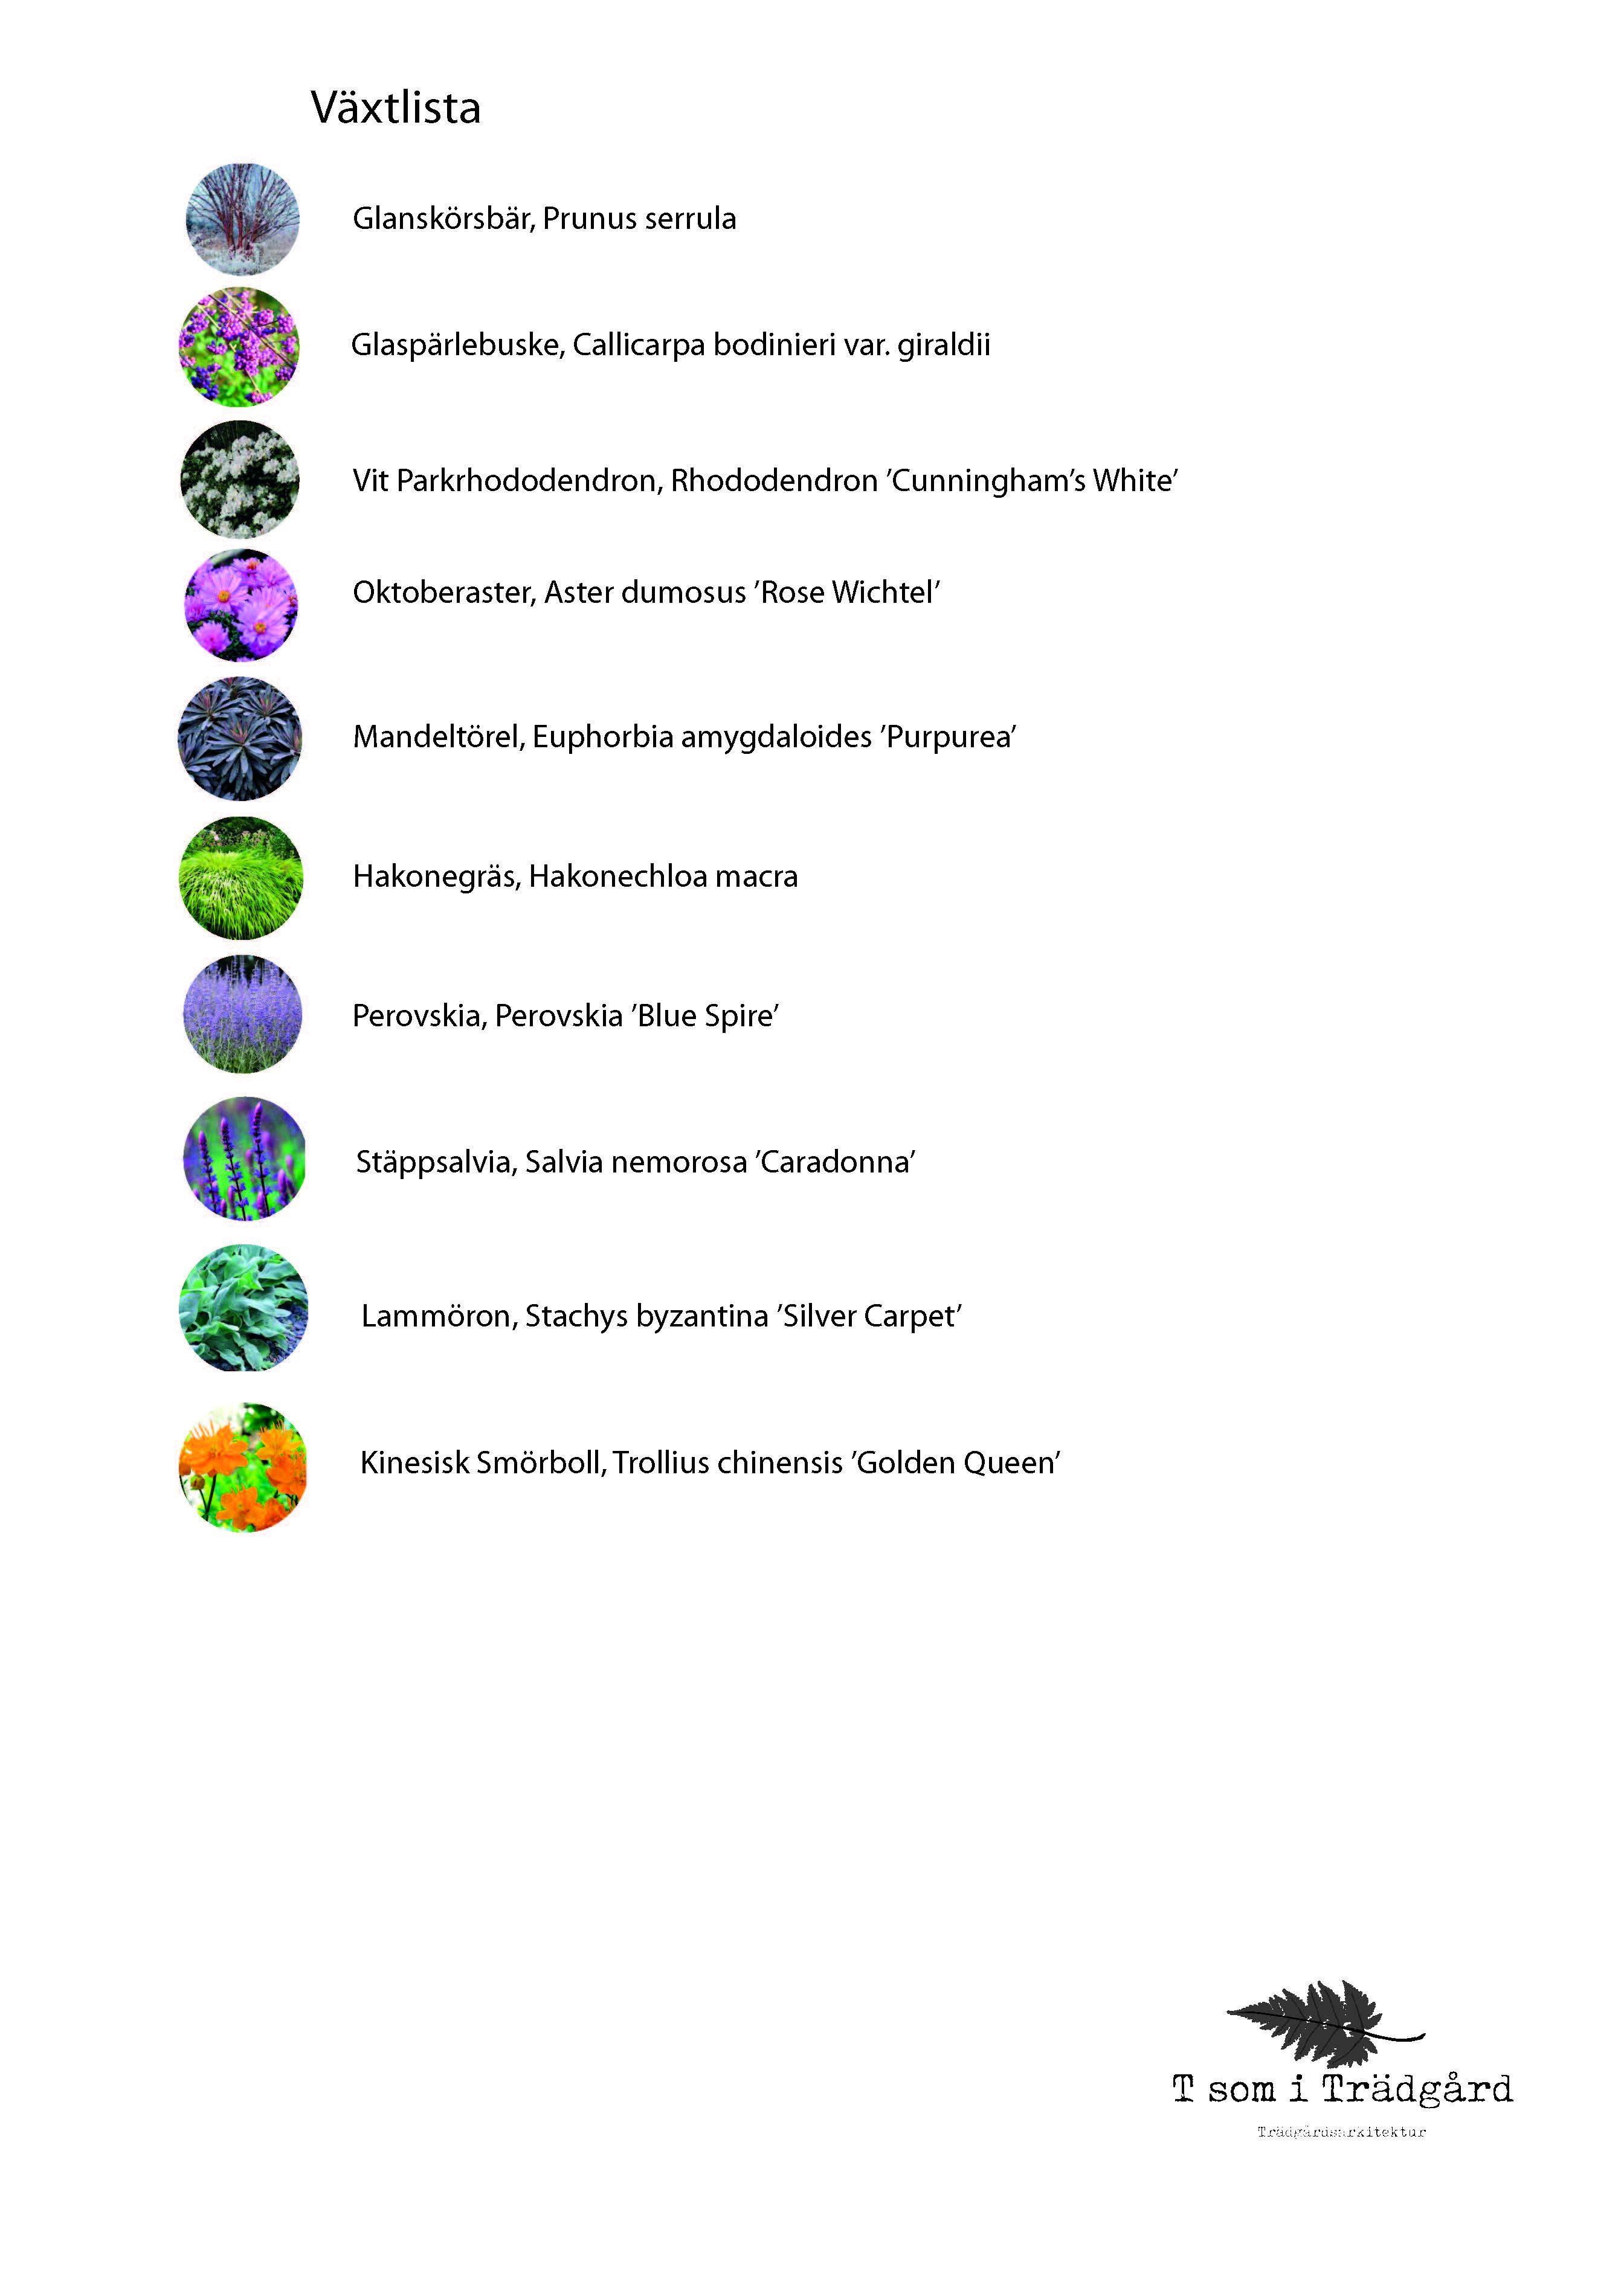 Växtlista, Trädgårdsarkitektur, Växter, Trädgårdsdesign